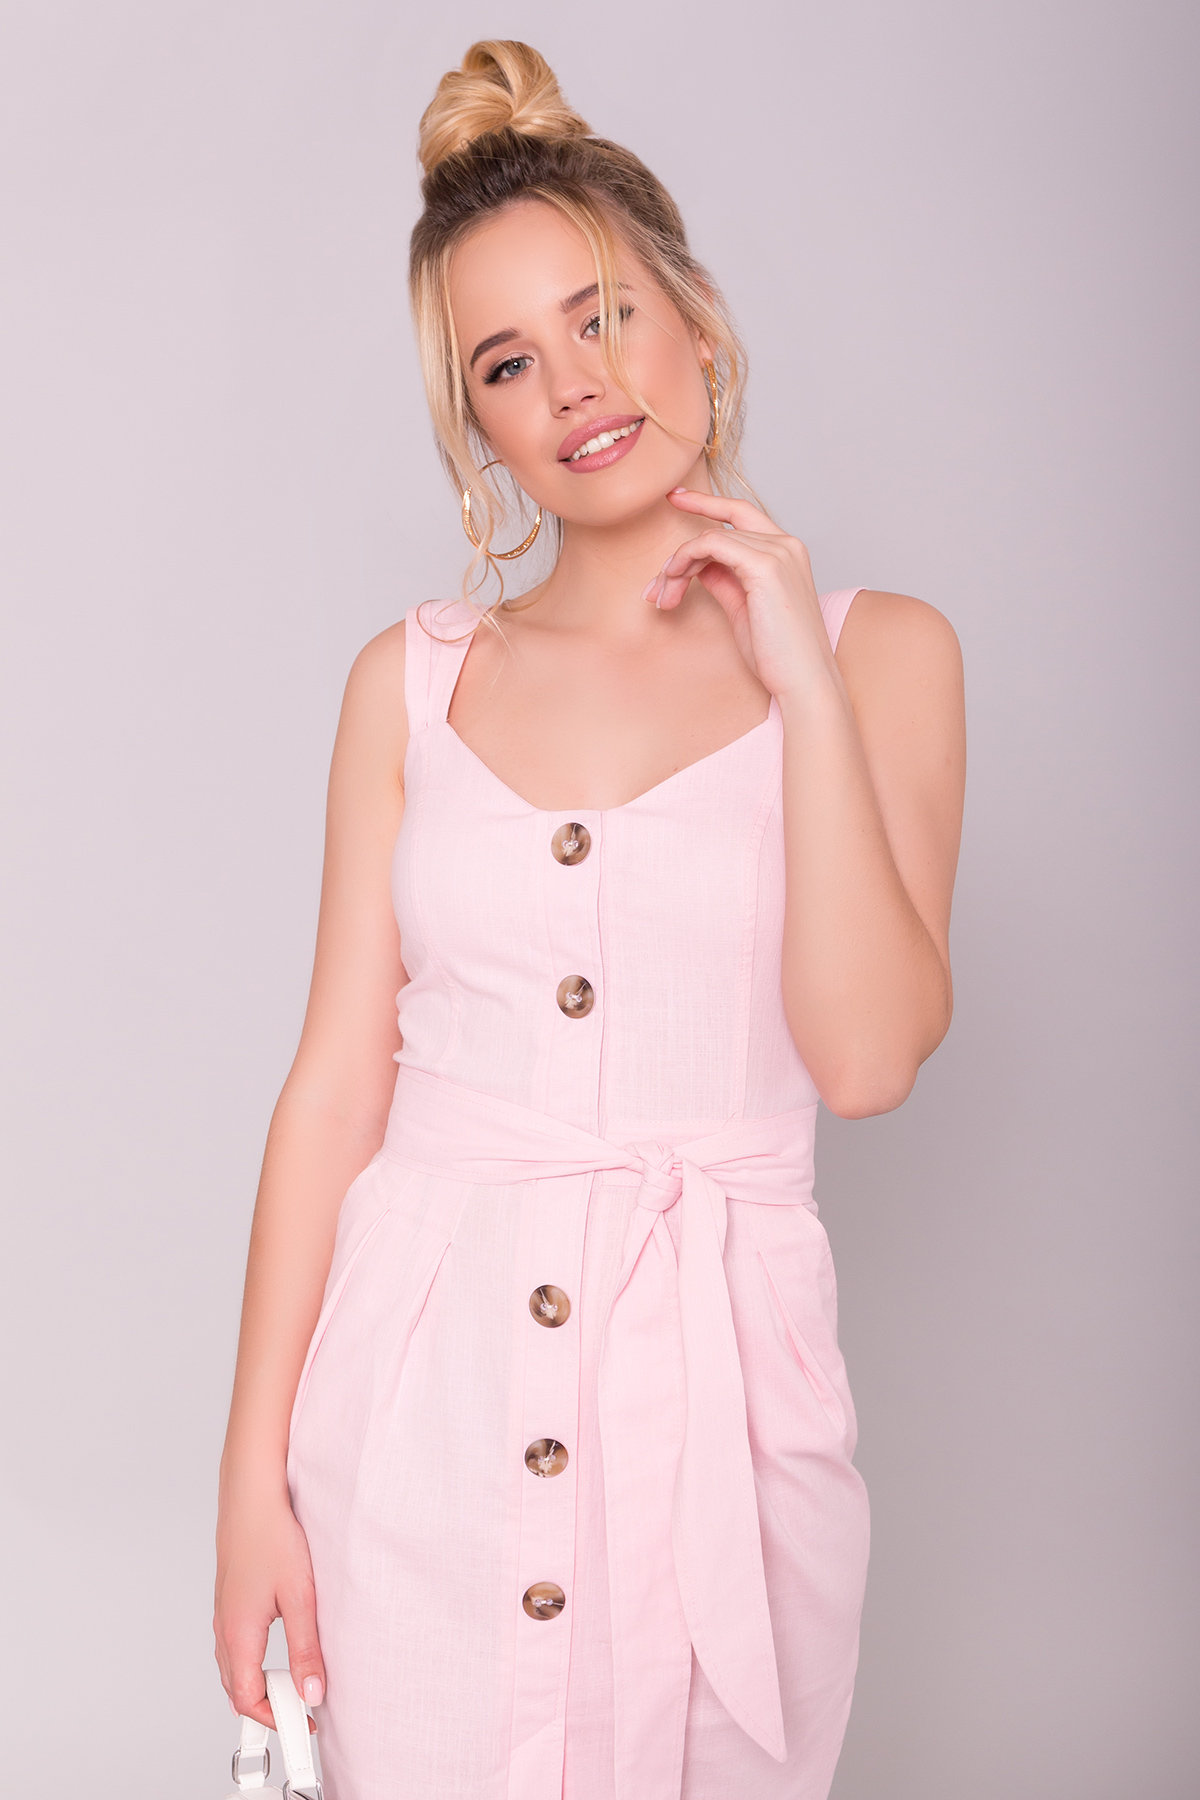 Платье Унгаро 7274 АРТ. 43068 Цвет: Розовый - фото 3, интернет магазин tm-modus.ru